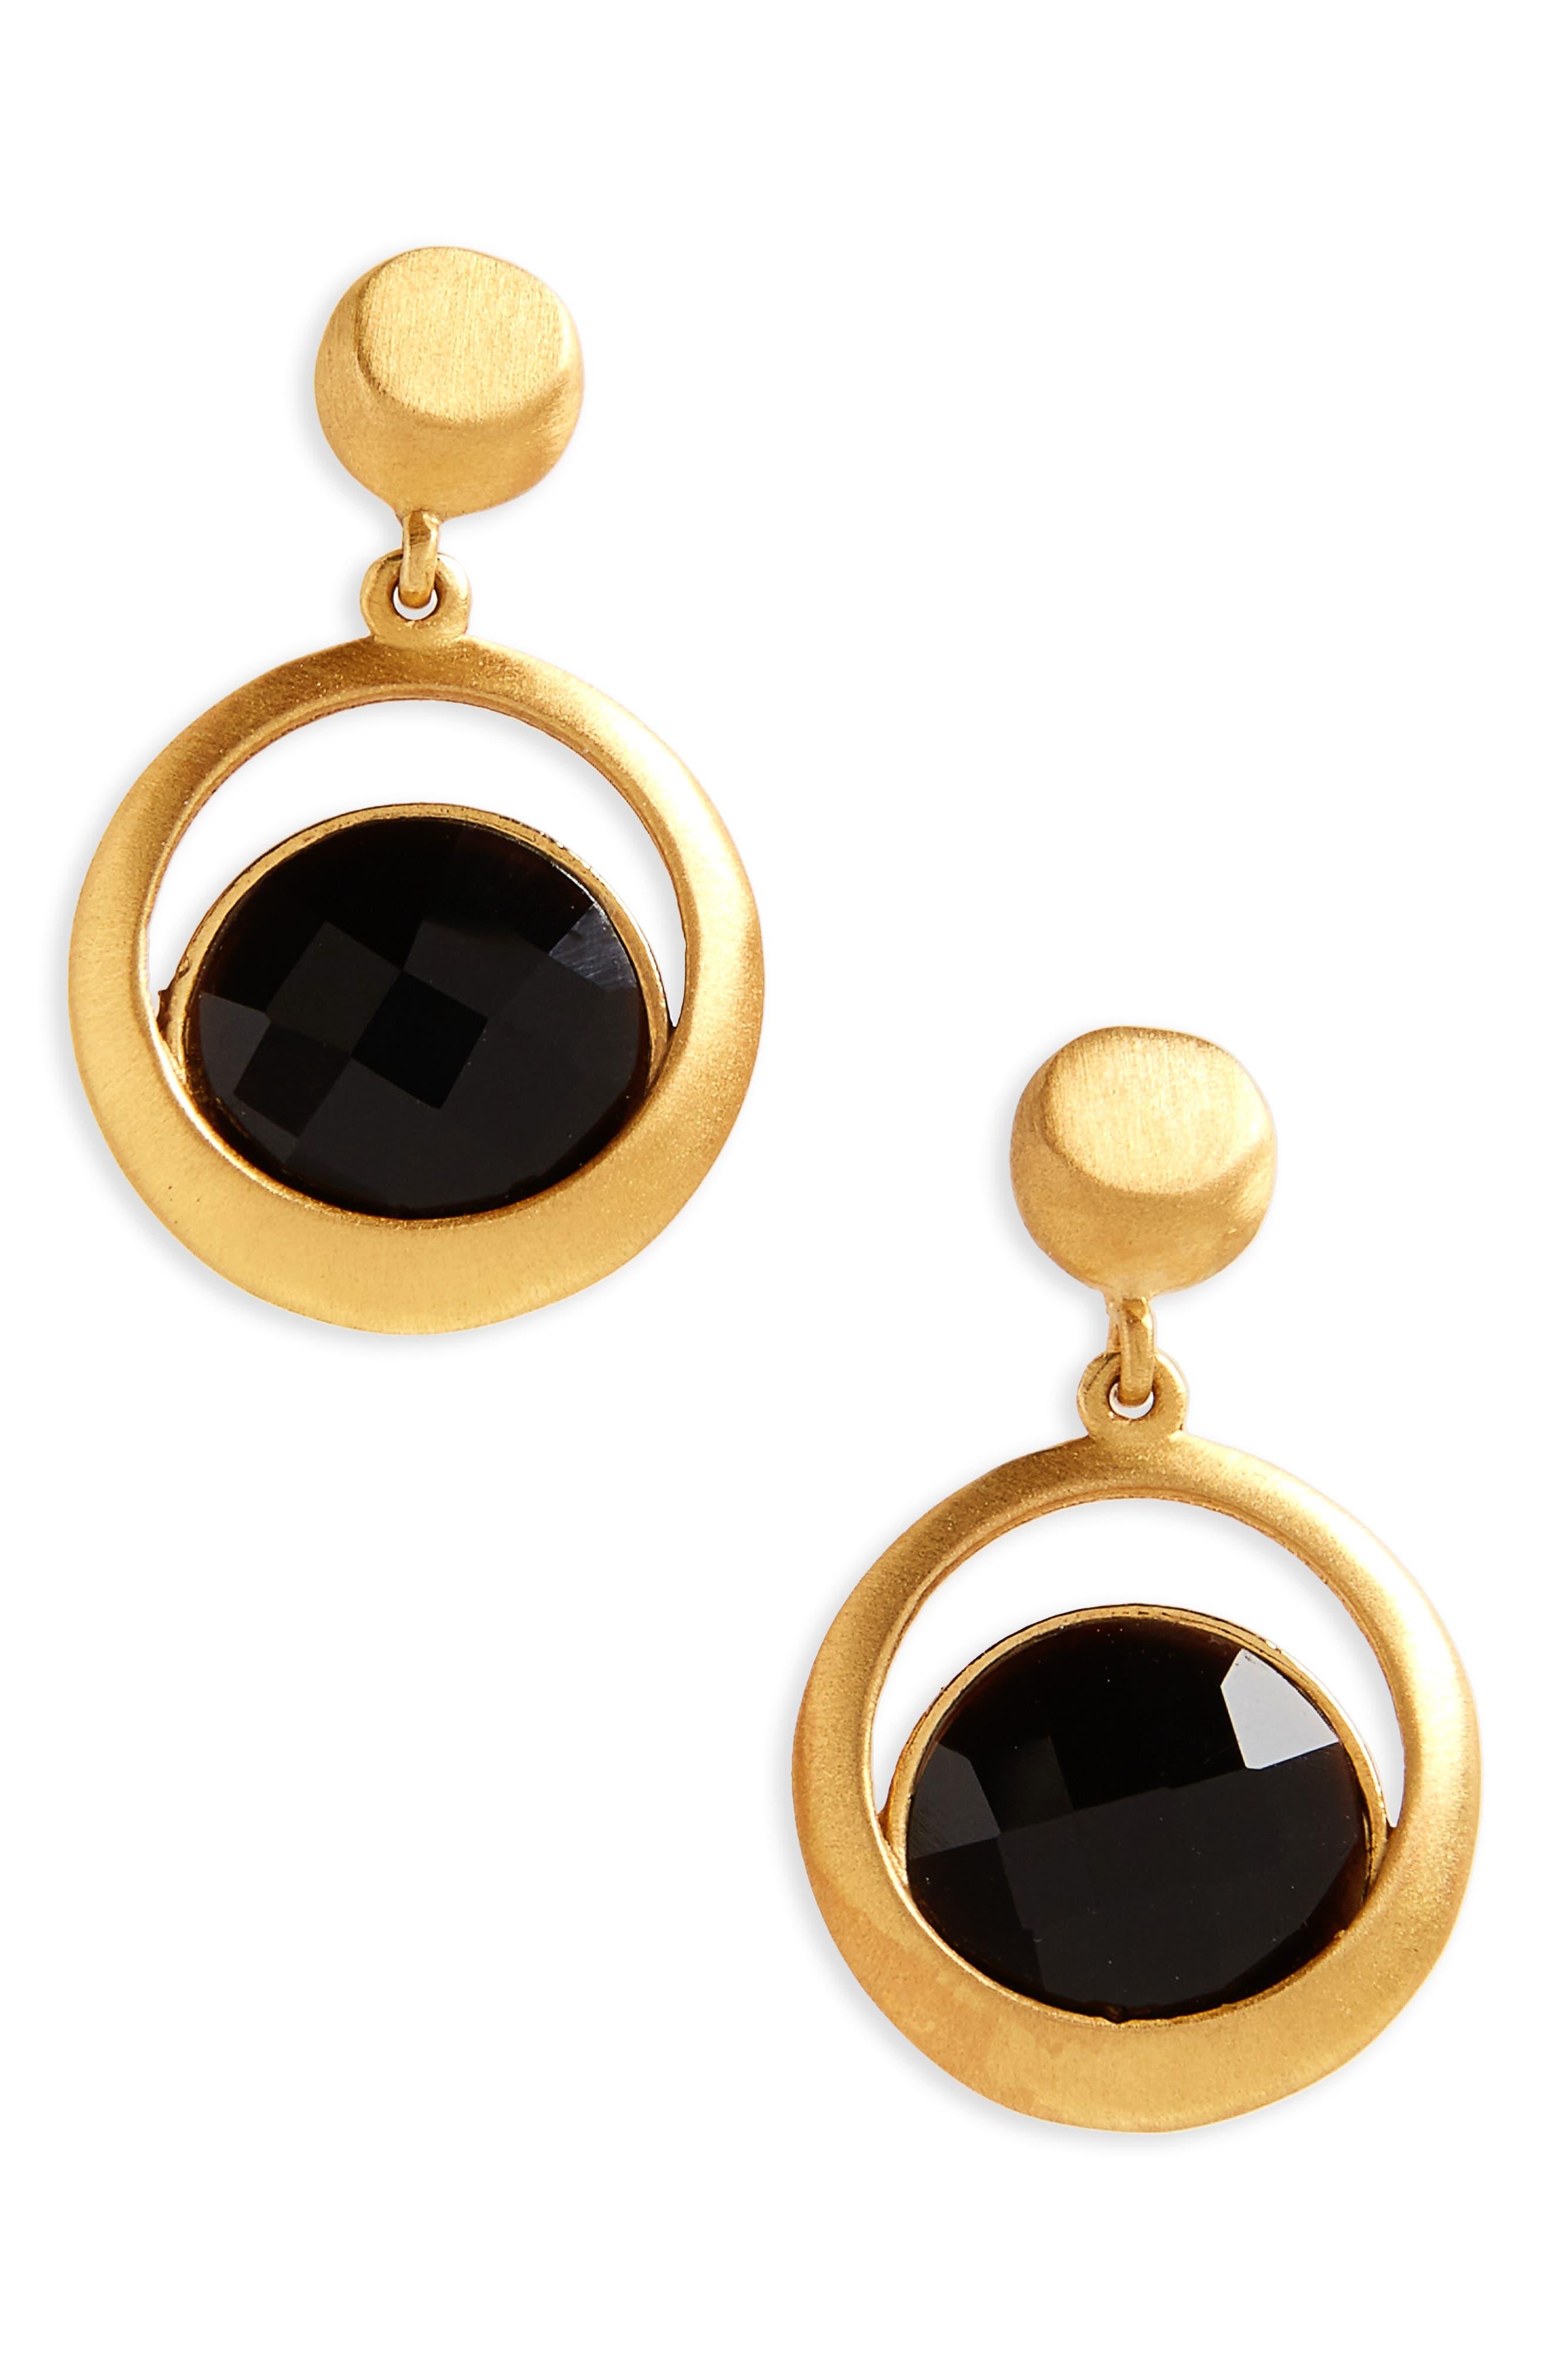 Lapa Semiprecious Stone Drop Earrings,                             Main thumbnail 1, color,                             001